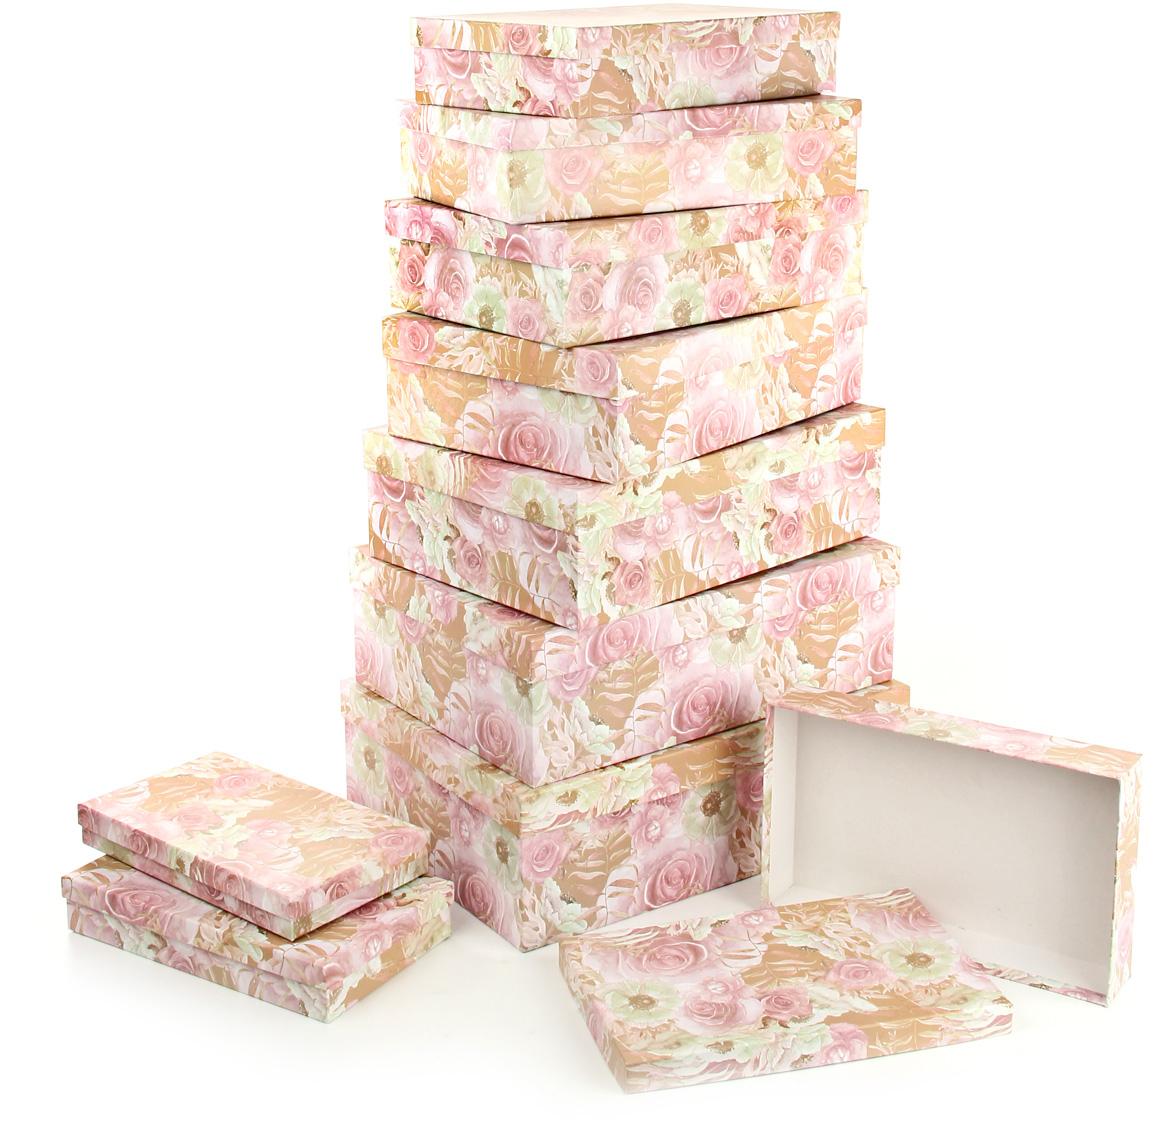 Набор подарочных коробок Veld-Co  Эльфийский сад , 10 шт -  Подарочная упаковка